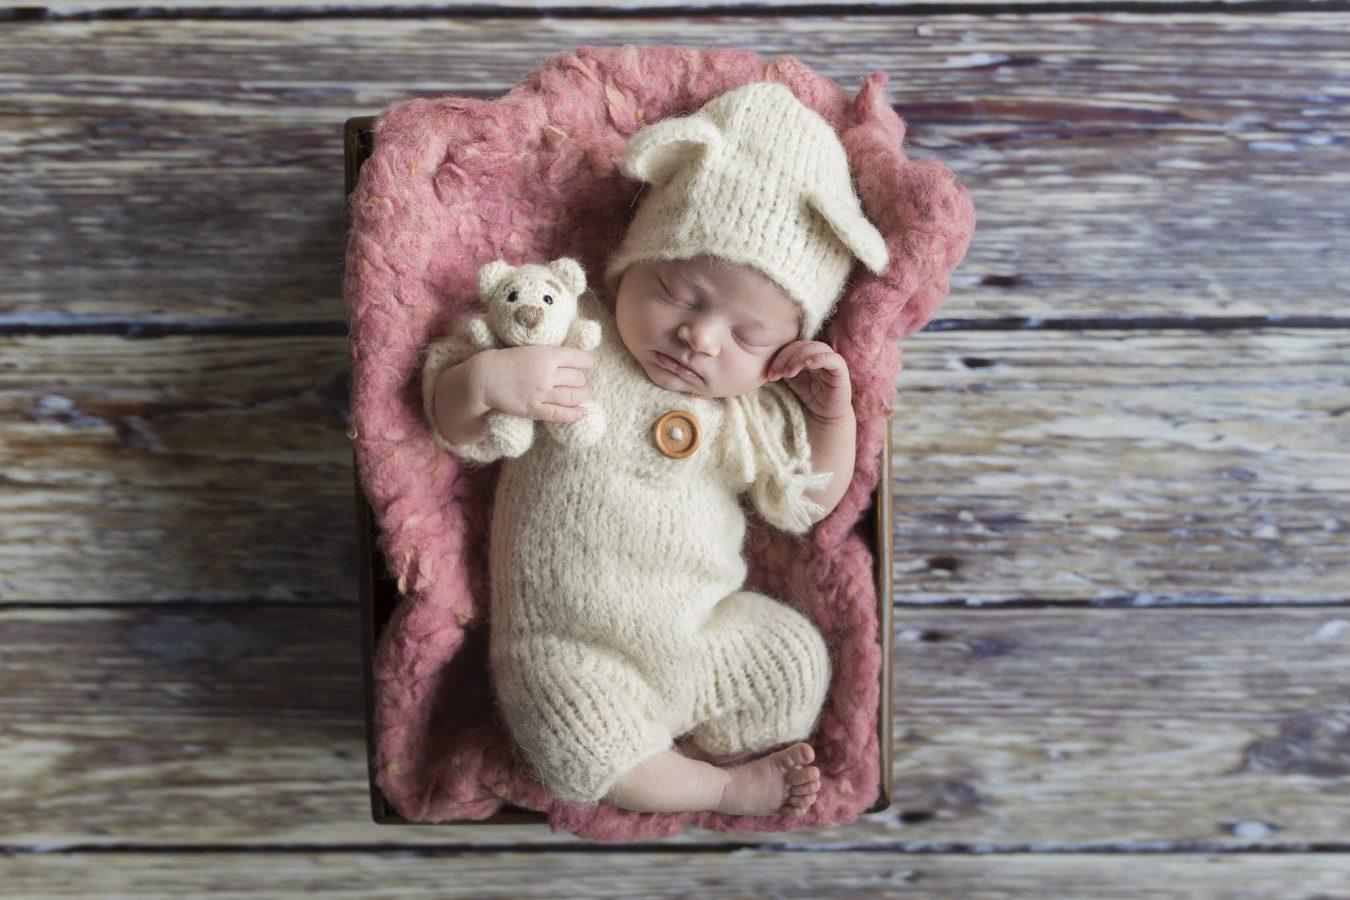 das kleine Mädchen liegt auf einer rosa Decke in einem Körbchen